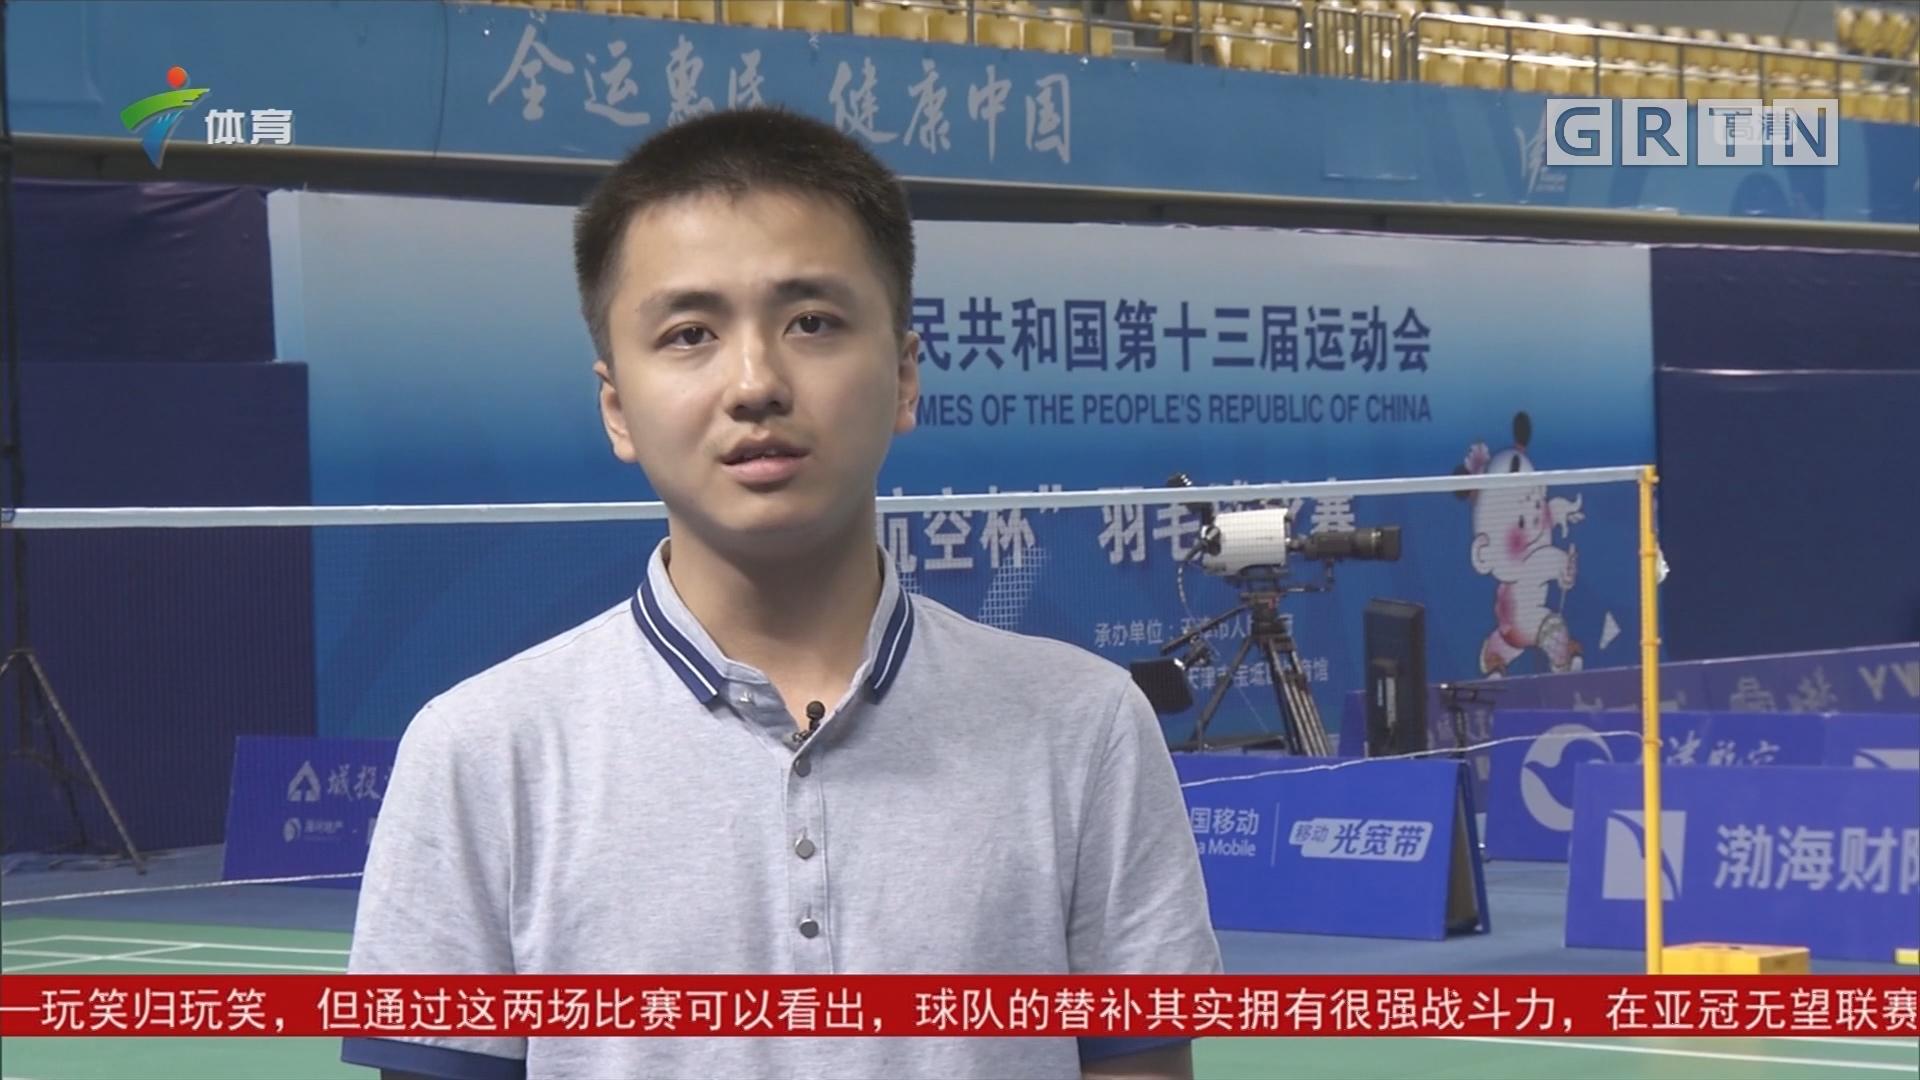 广东体育记者:对全运会的感受